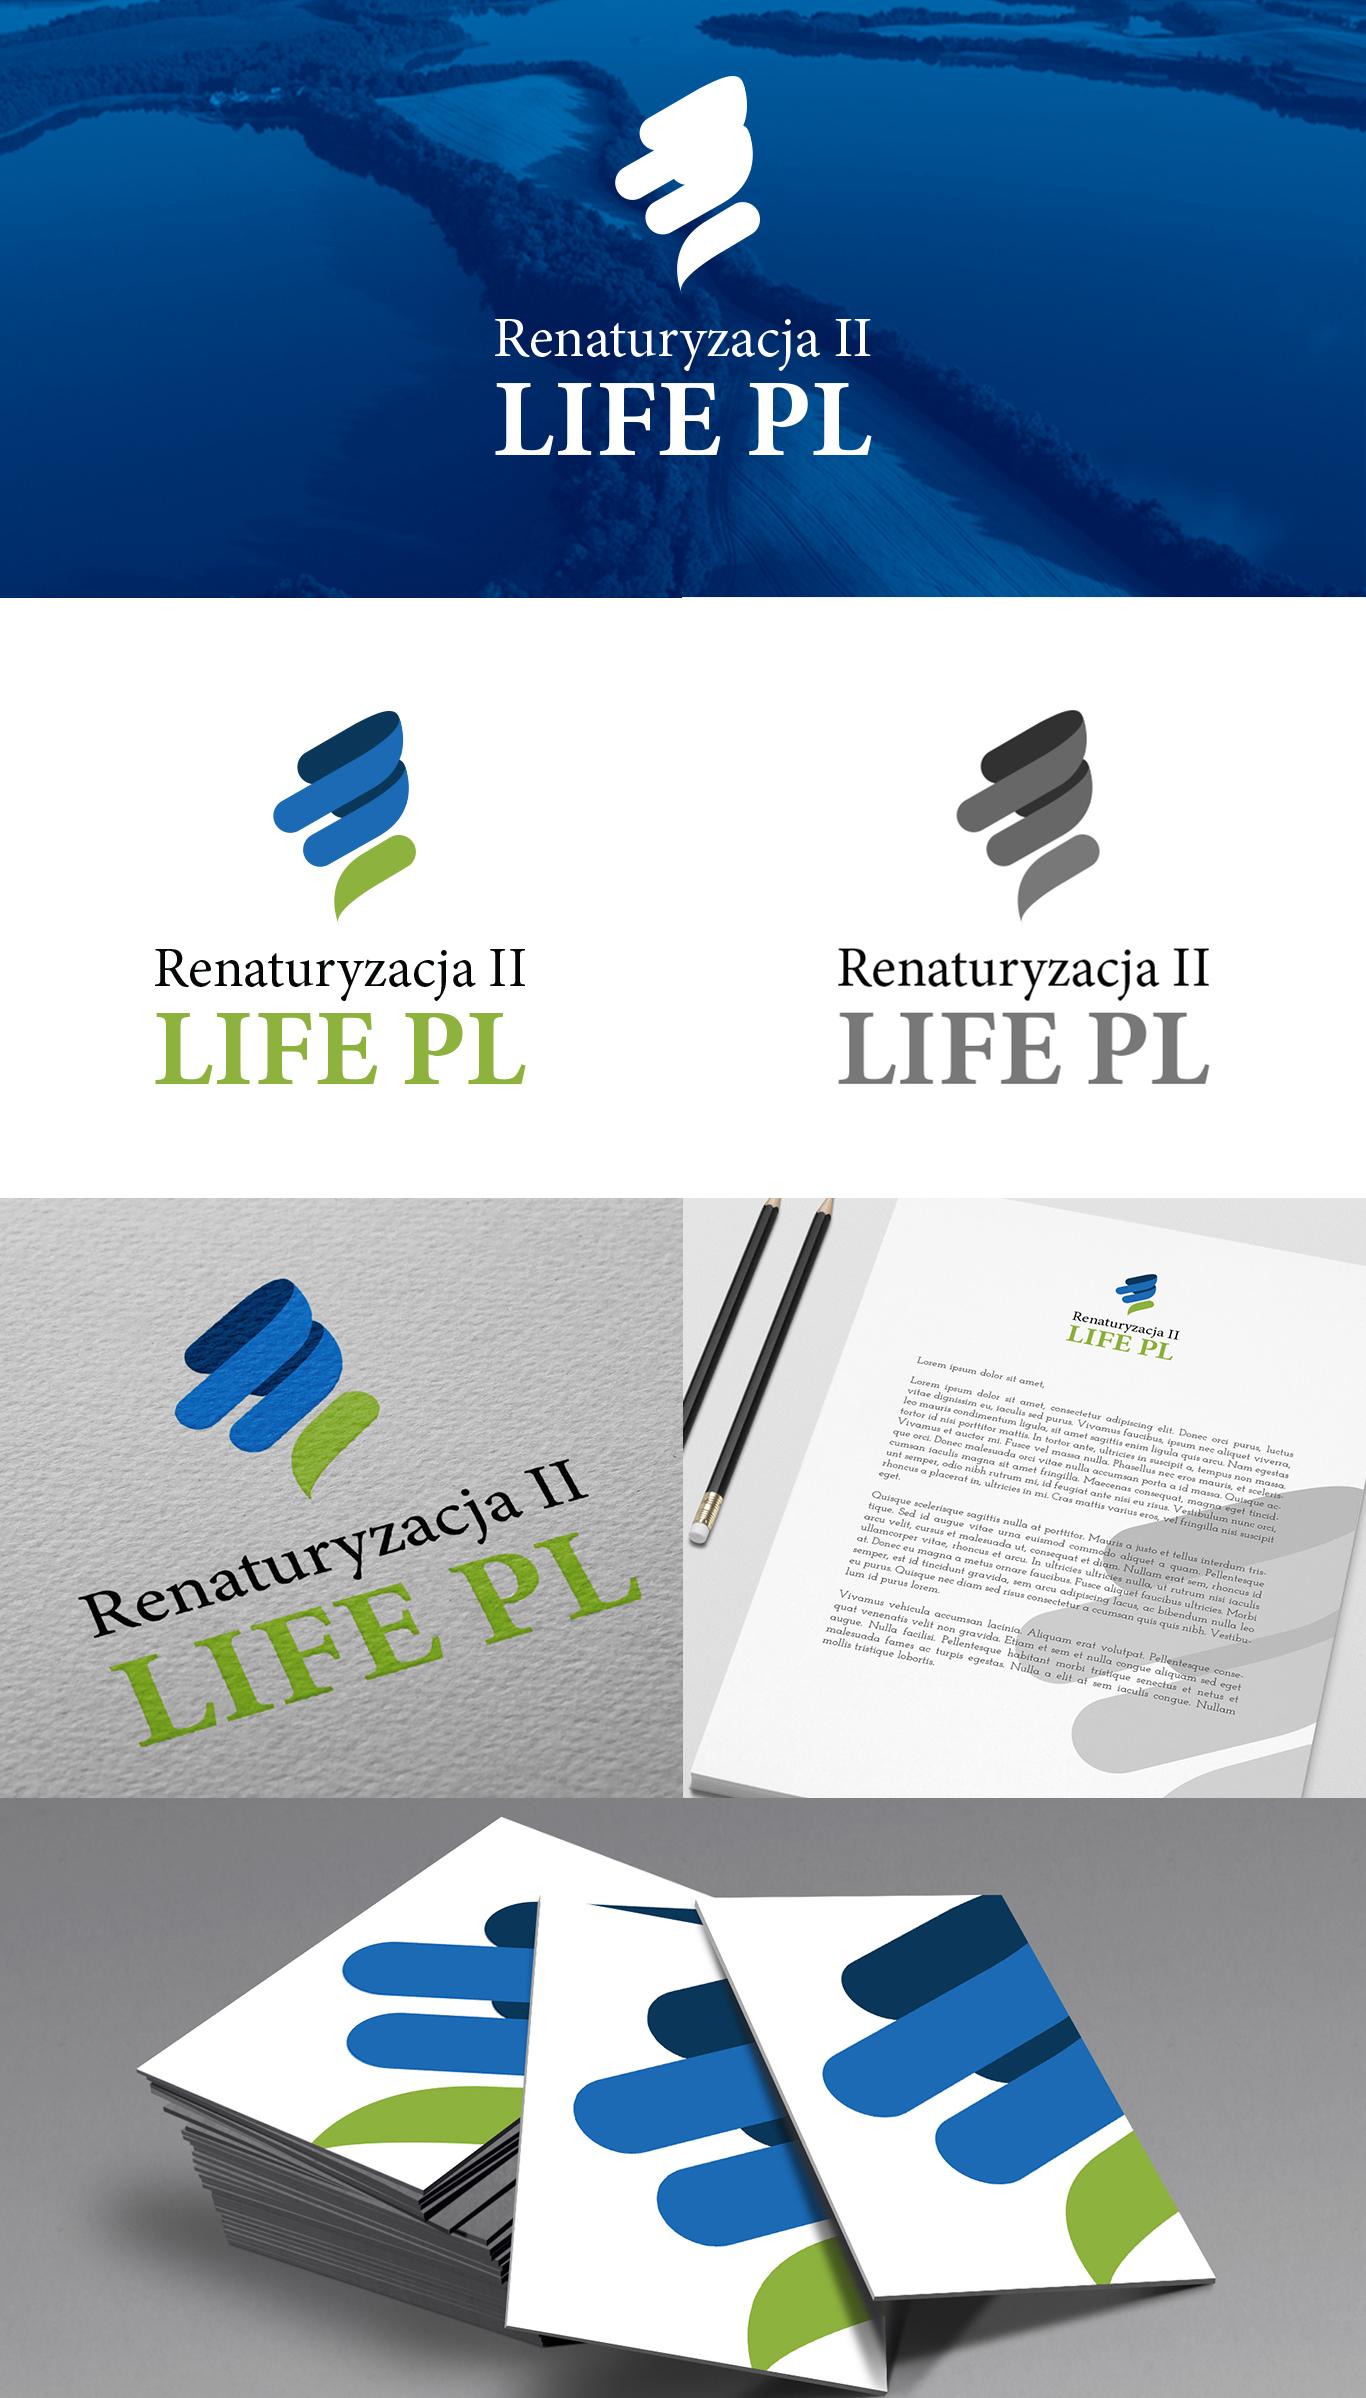 Prezentacja projektu logo dla inicjatywy hydrotechnicznej mającej na celu odmianę krajobrazu w Dolinie Biebrzy